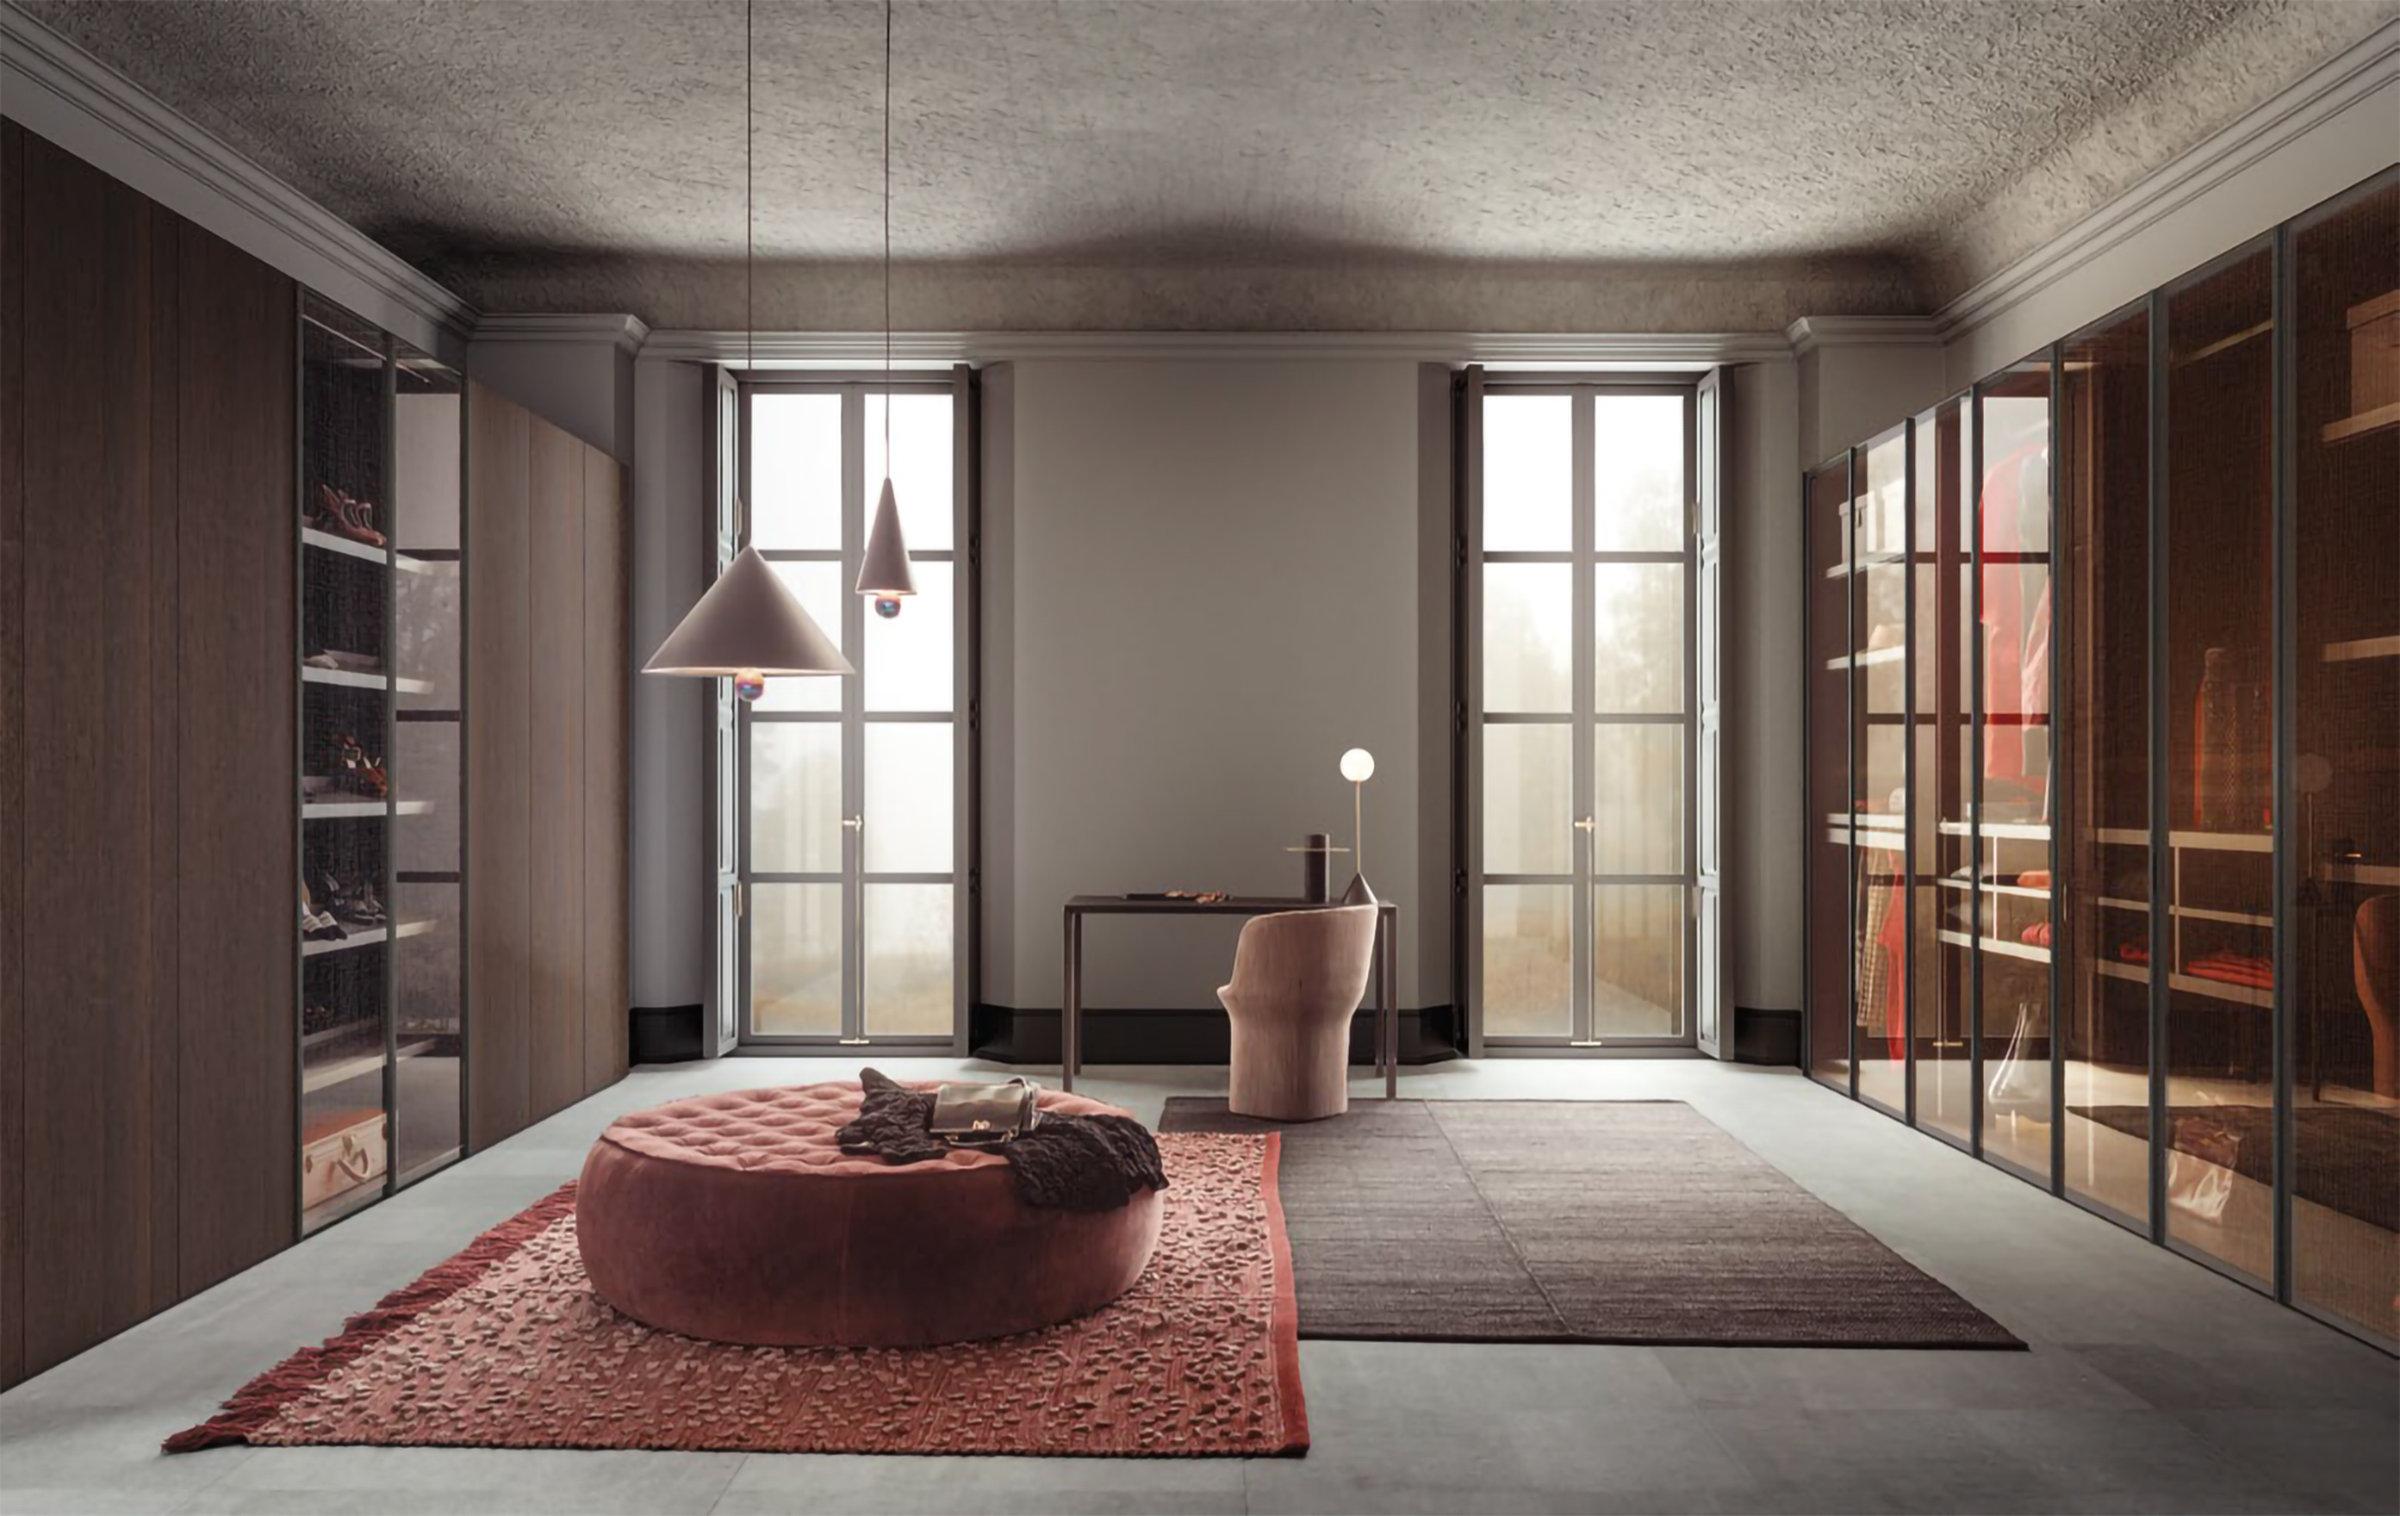 Outlet arredamenti e arredamento casa venezia mestre veneto for Outlet arredamento casa